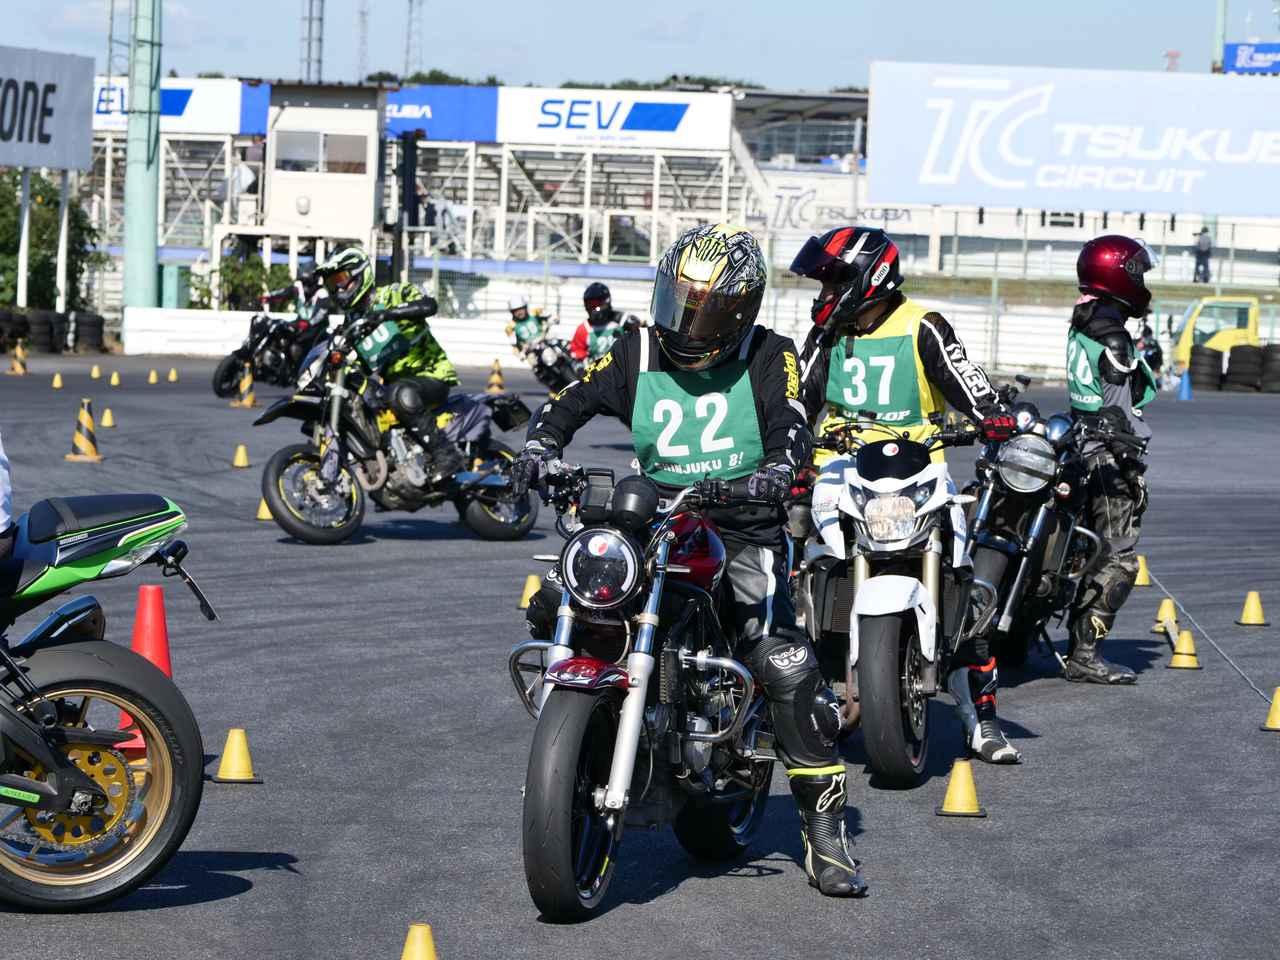 今年こそ全戦開催だ! 2021年シーズンのダンロップ・オートバイ杯ジムカーナの日程発表